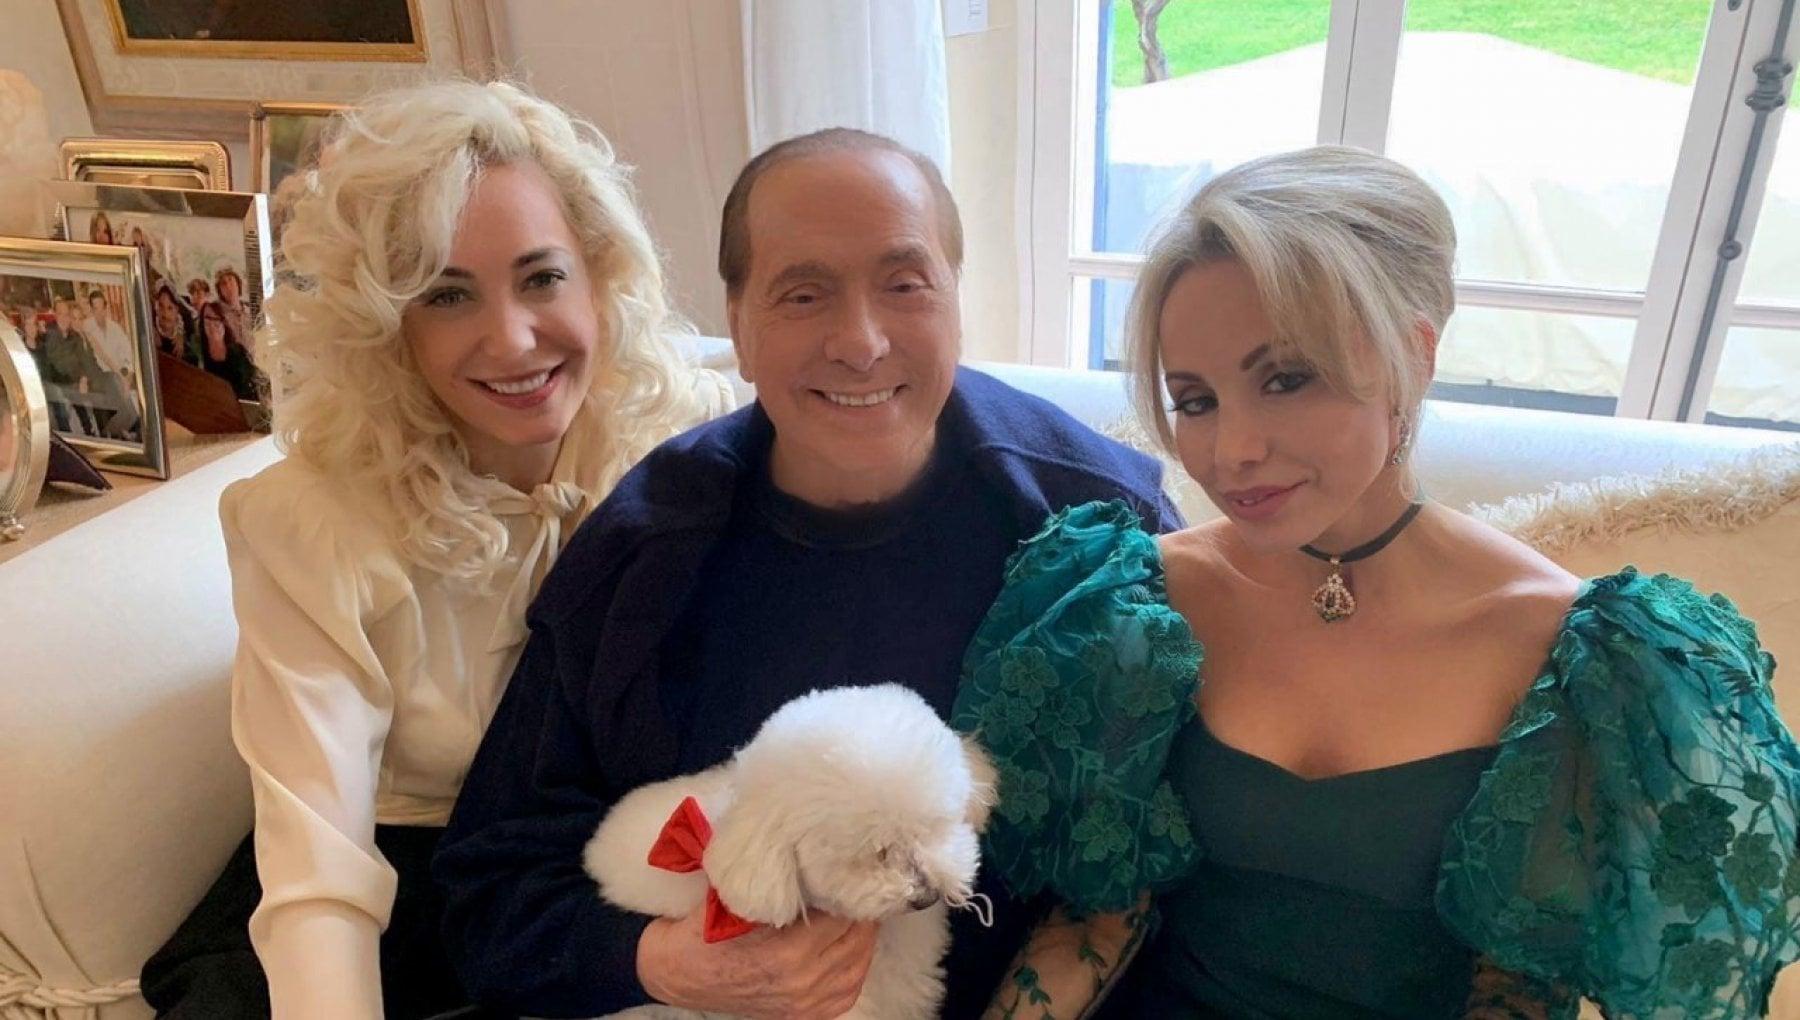 Buon 2021 sui social gli auguri di Berlusconi per il nuovo anno. Dopo il Covid con il vaccino torneremo alla vita